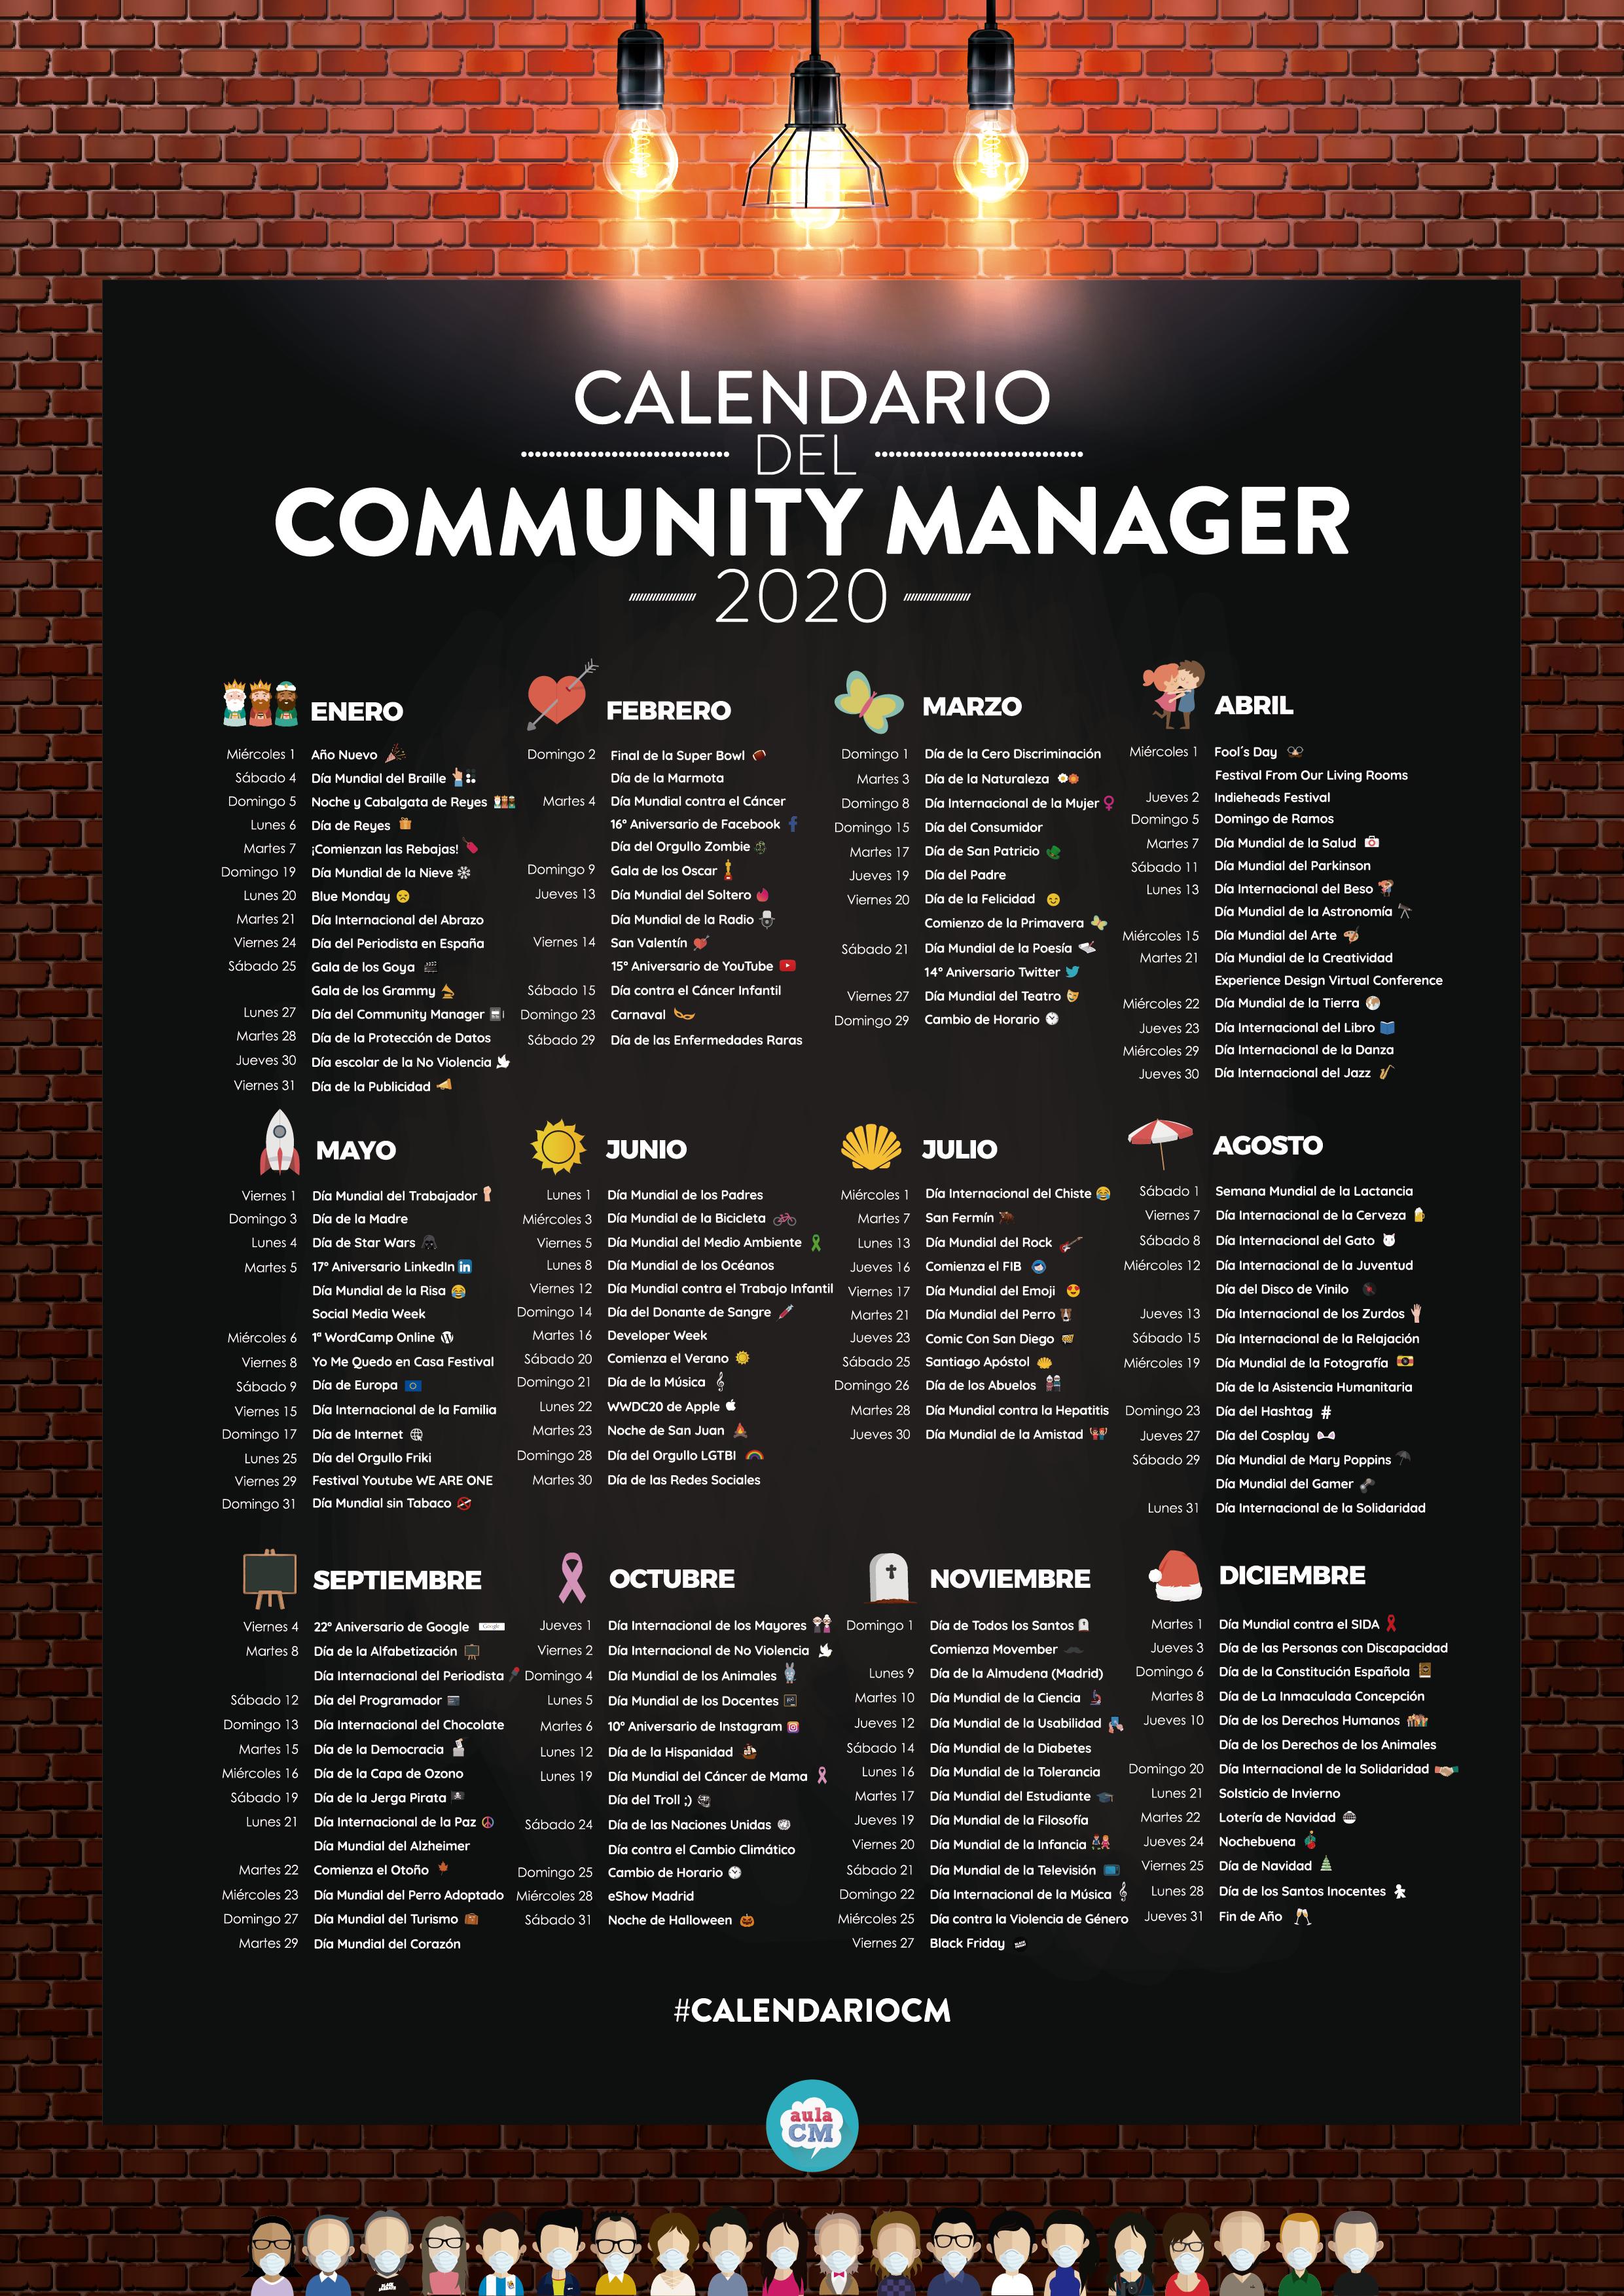 El Calendario del Community Manager y Social Media 2020